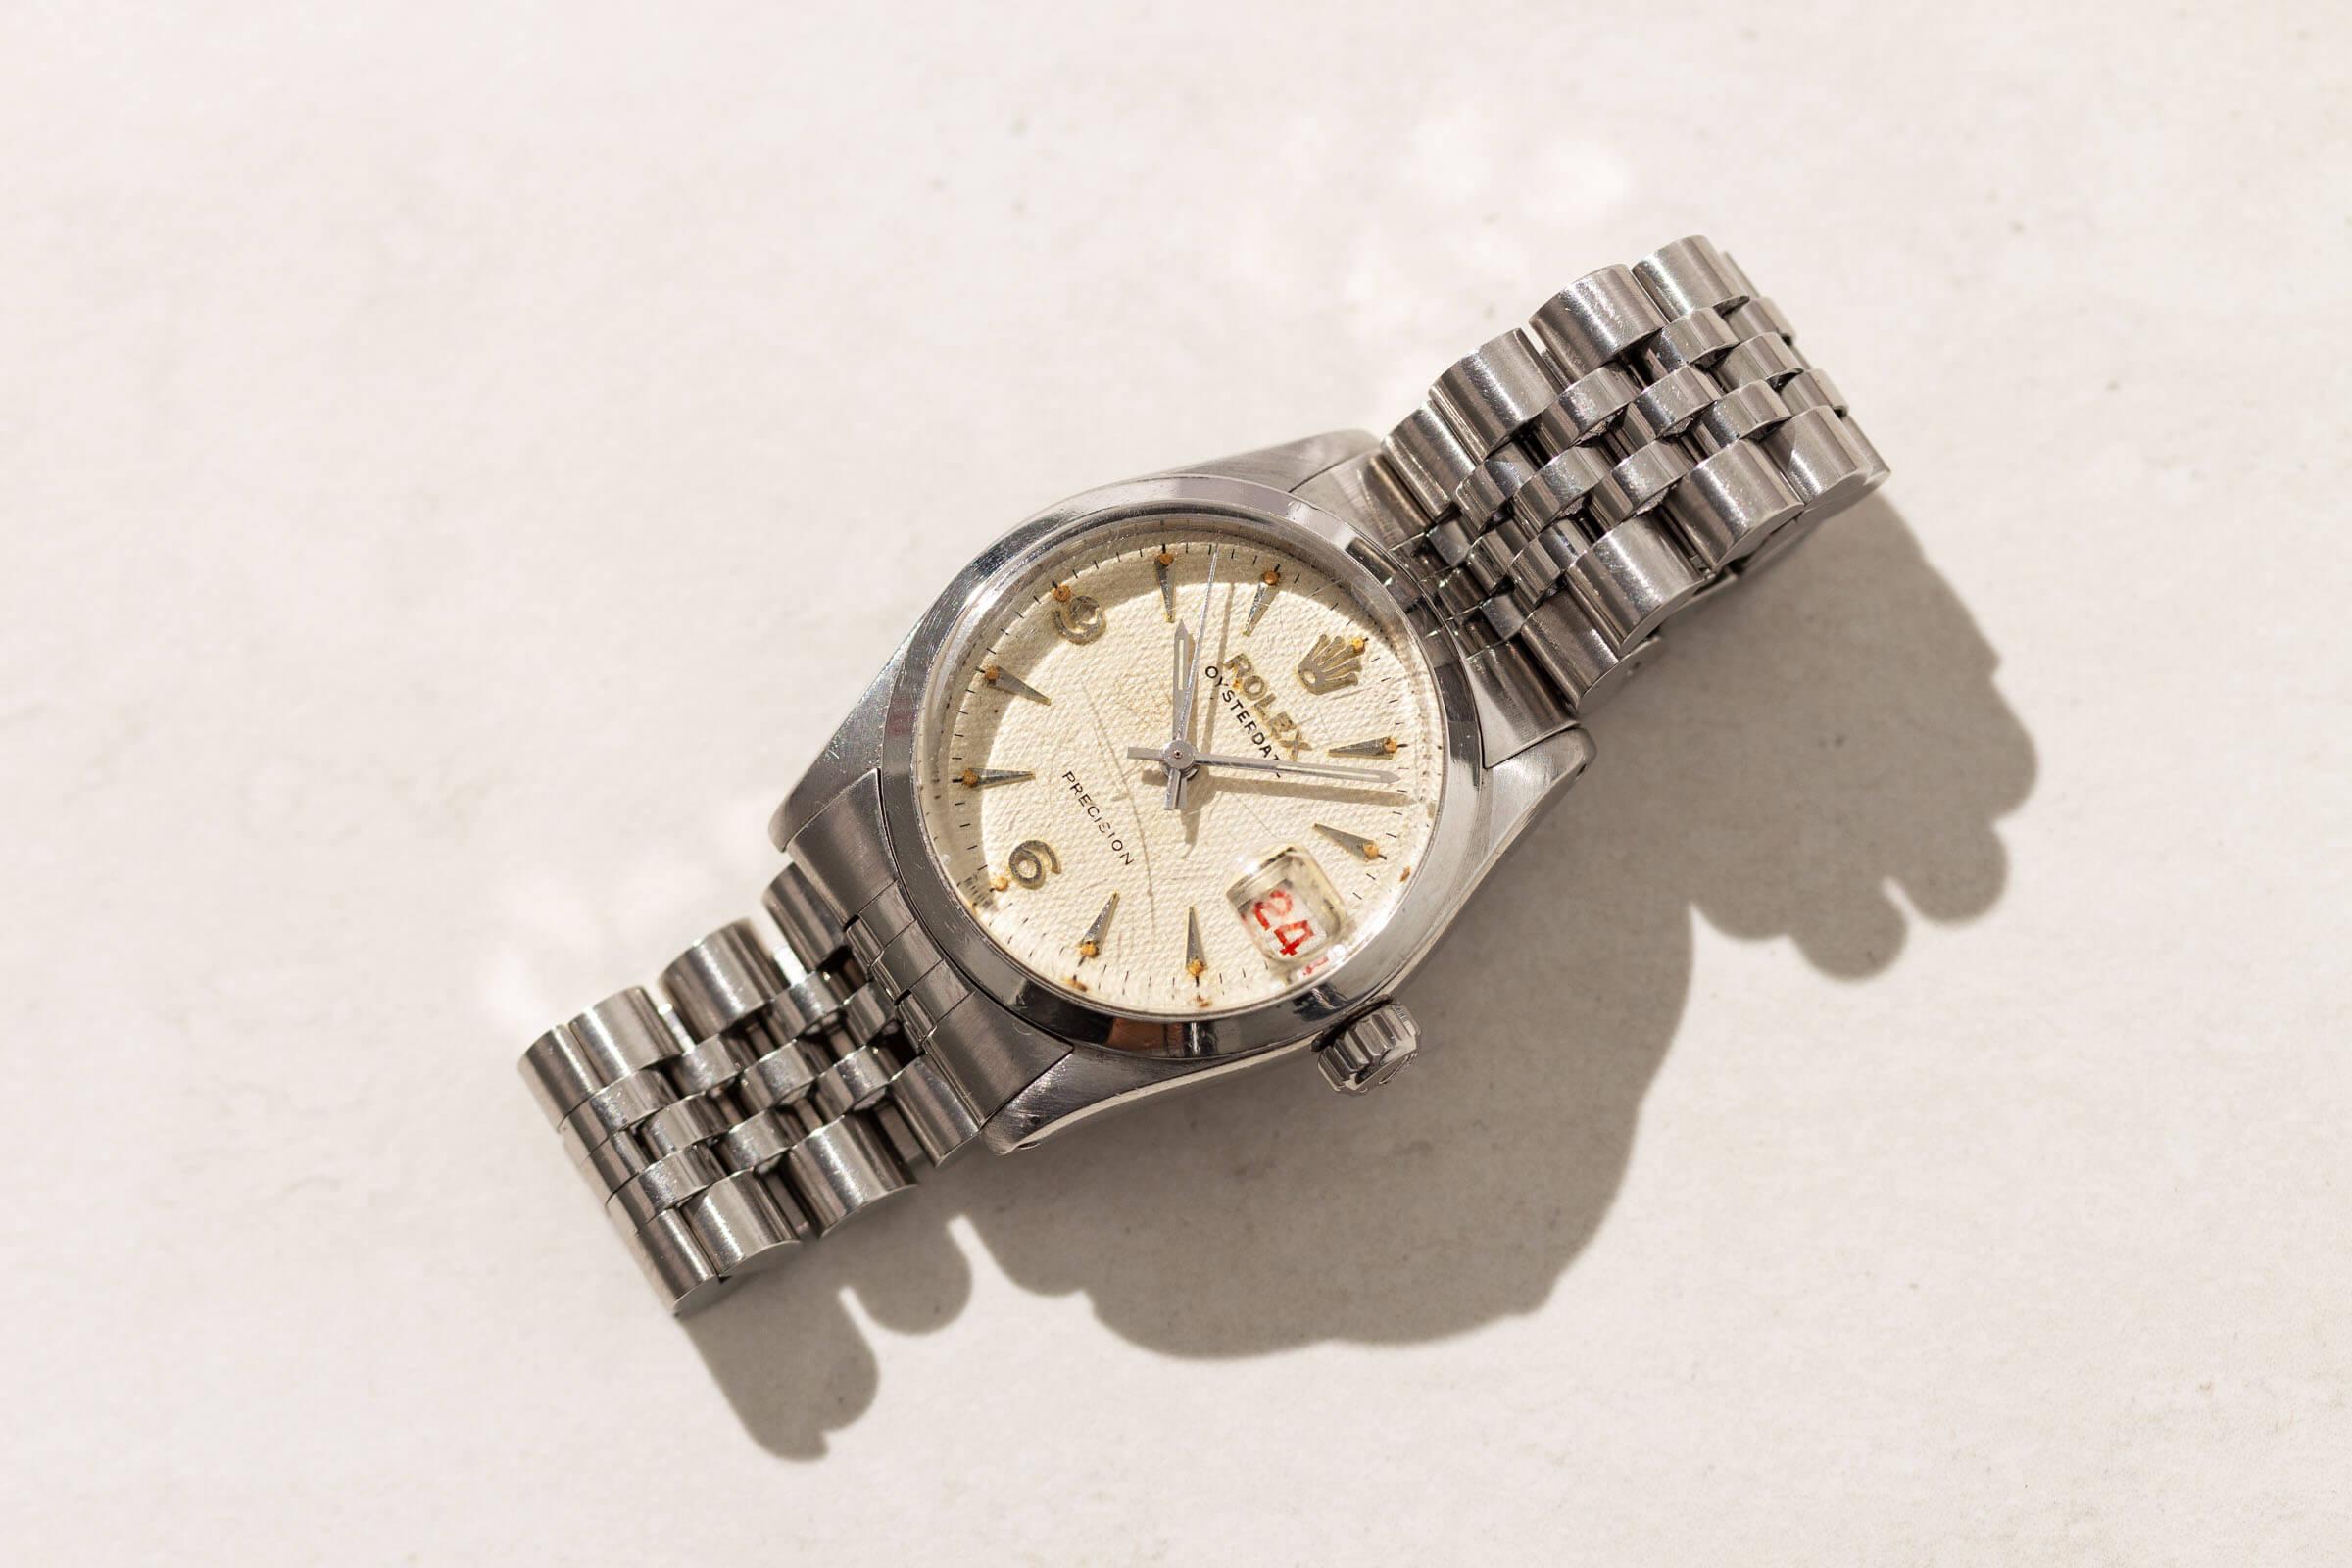 Vintage-Rolex-Precision-Oysterdate